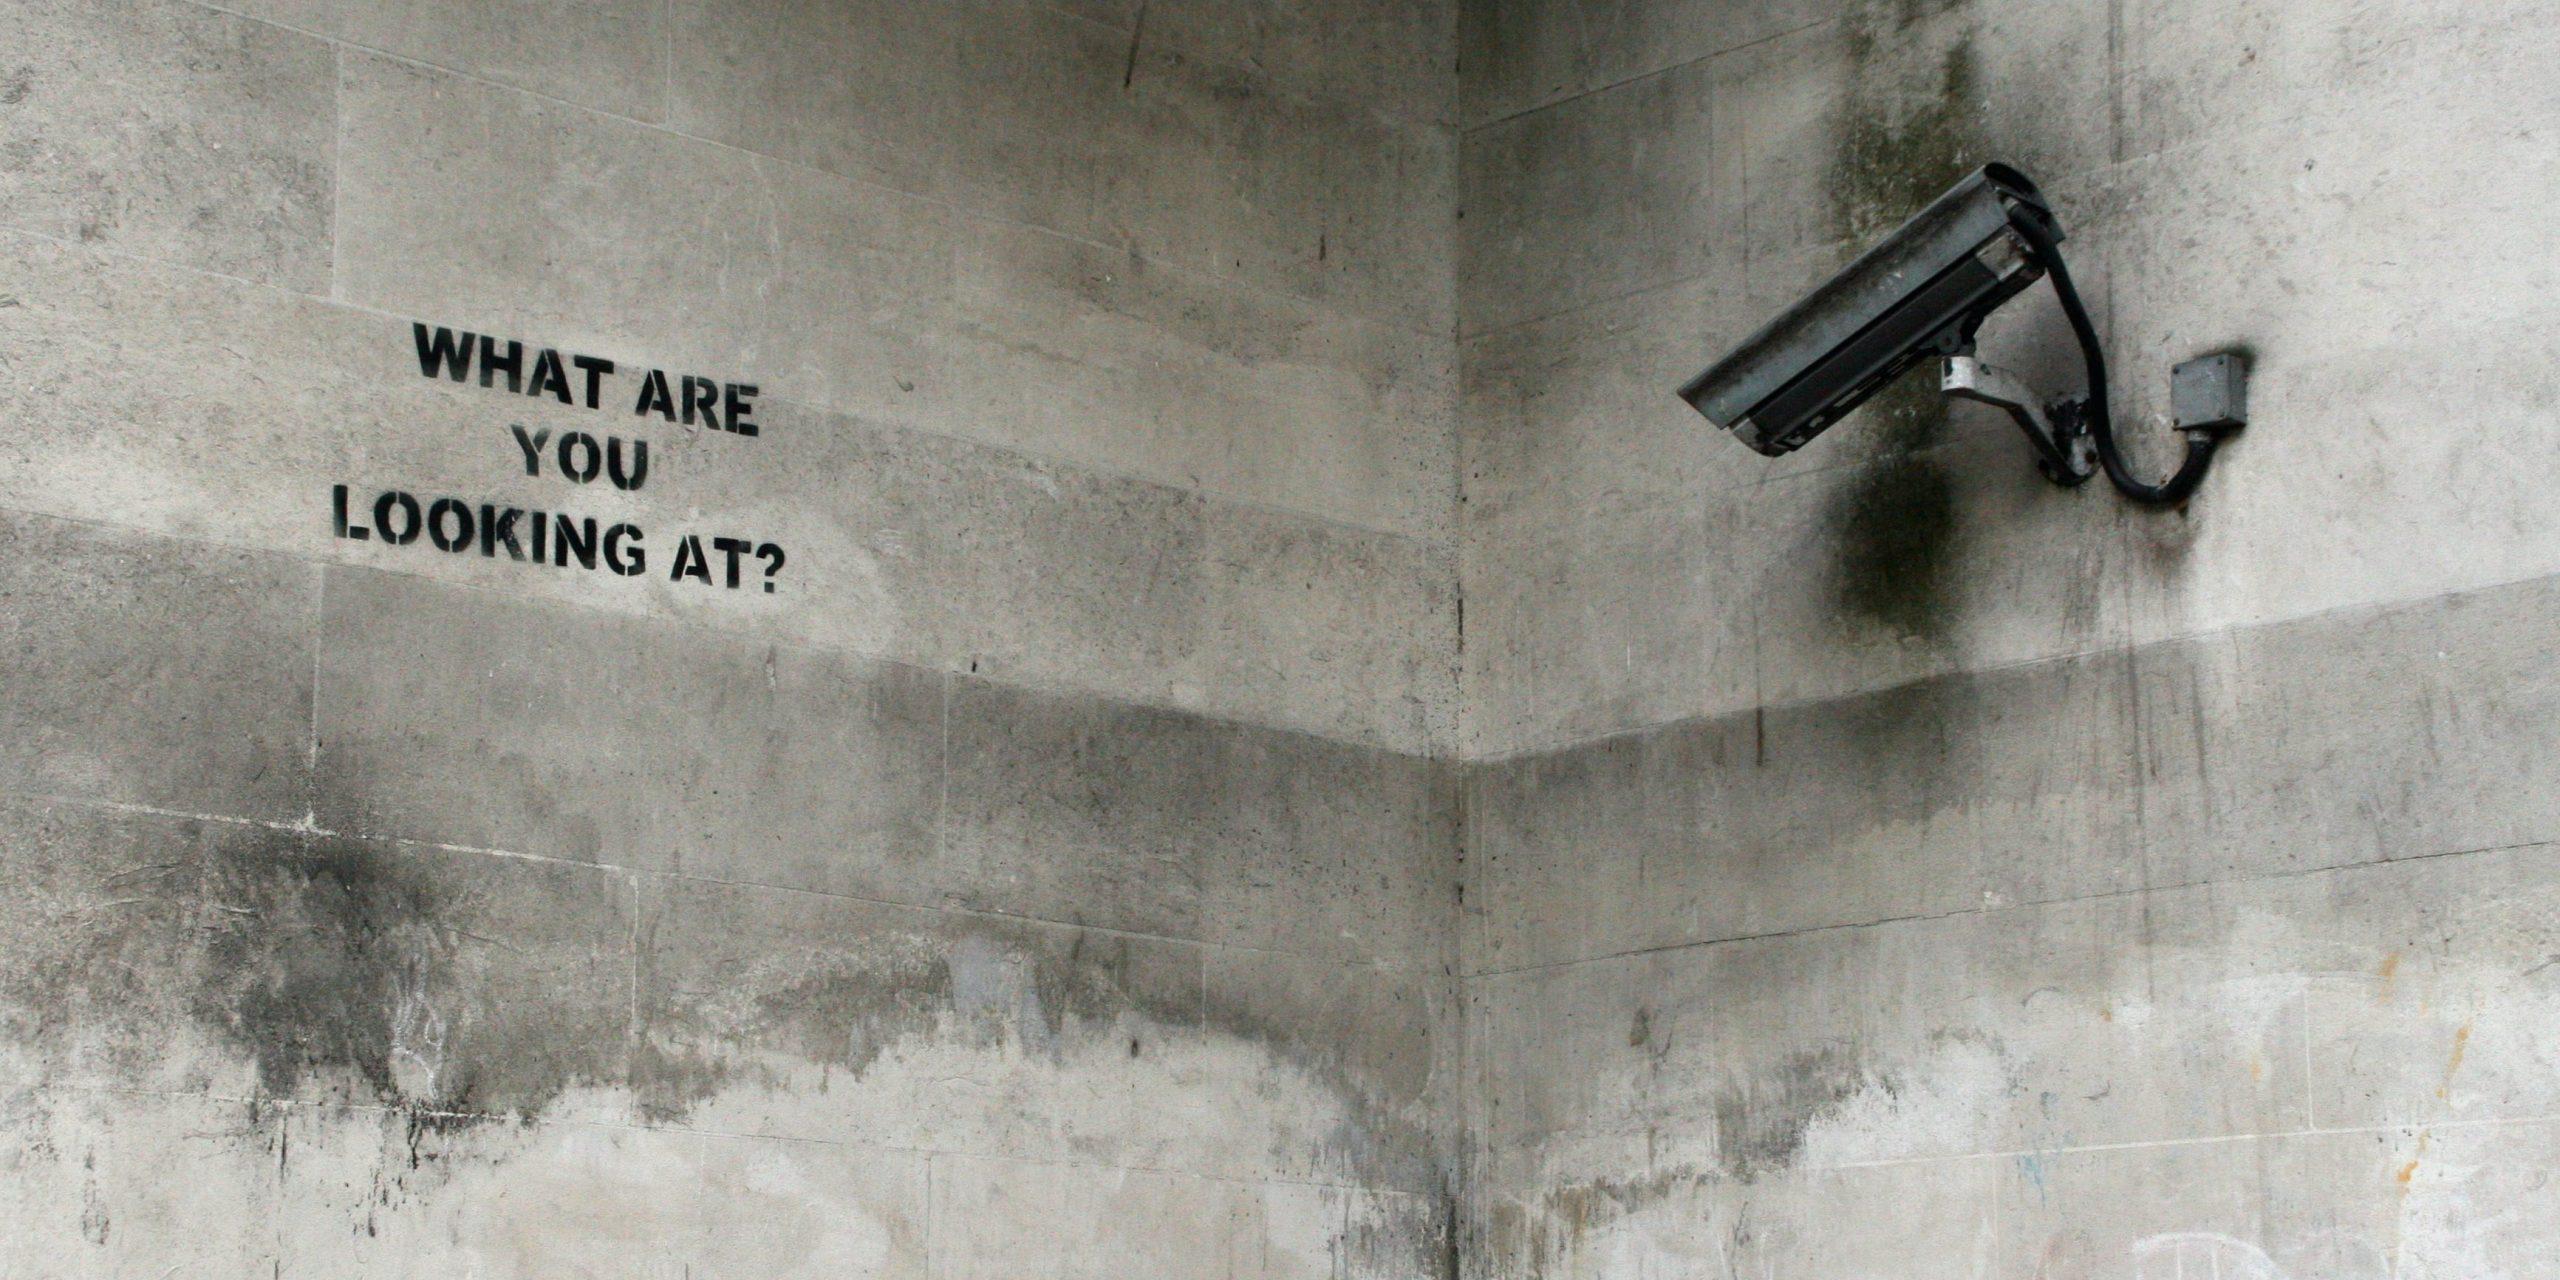 Умные камеры остановят турбину ветрогенератора, если заметят птицу из Красной книги